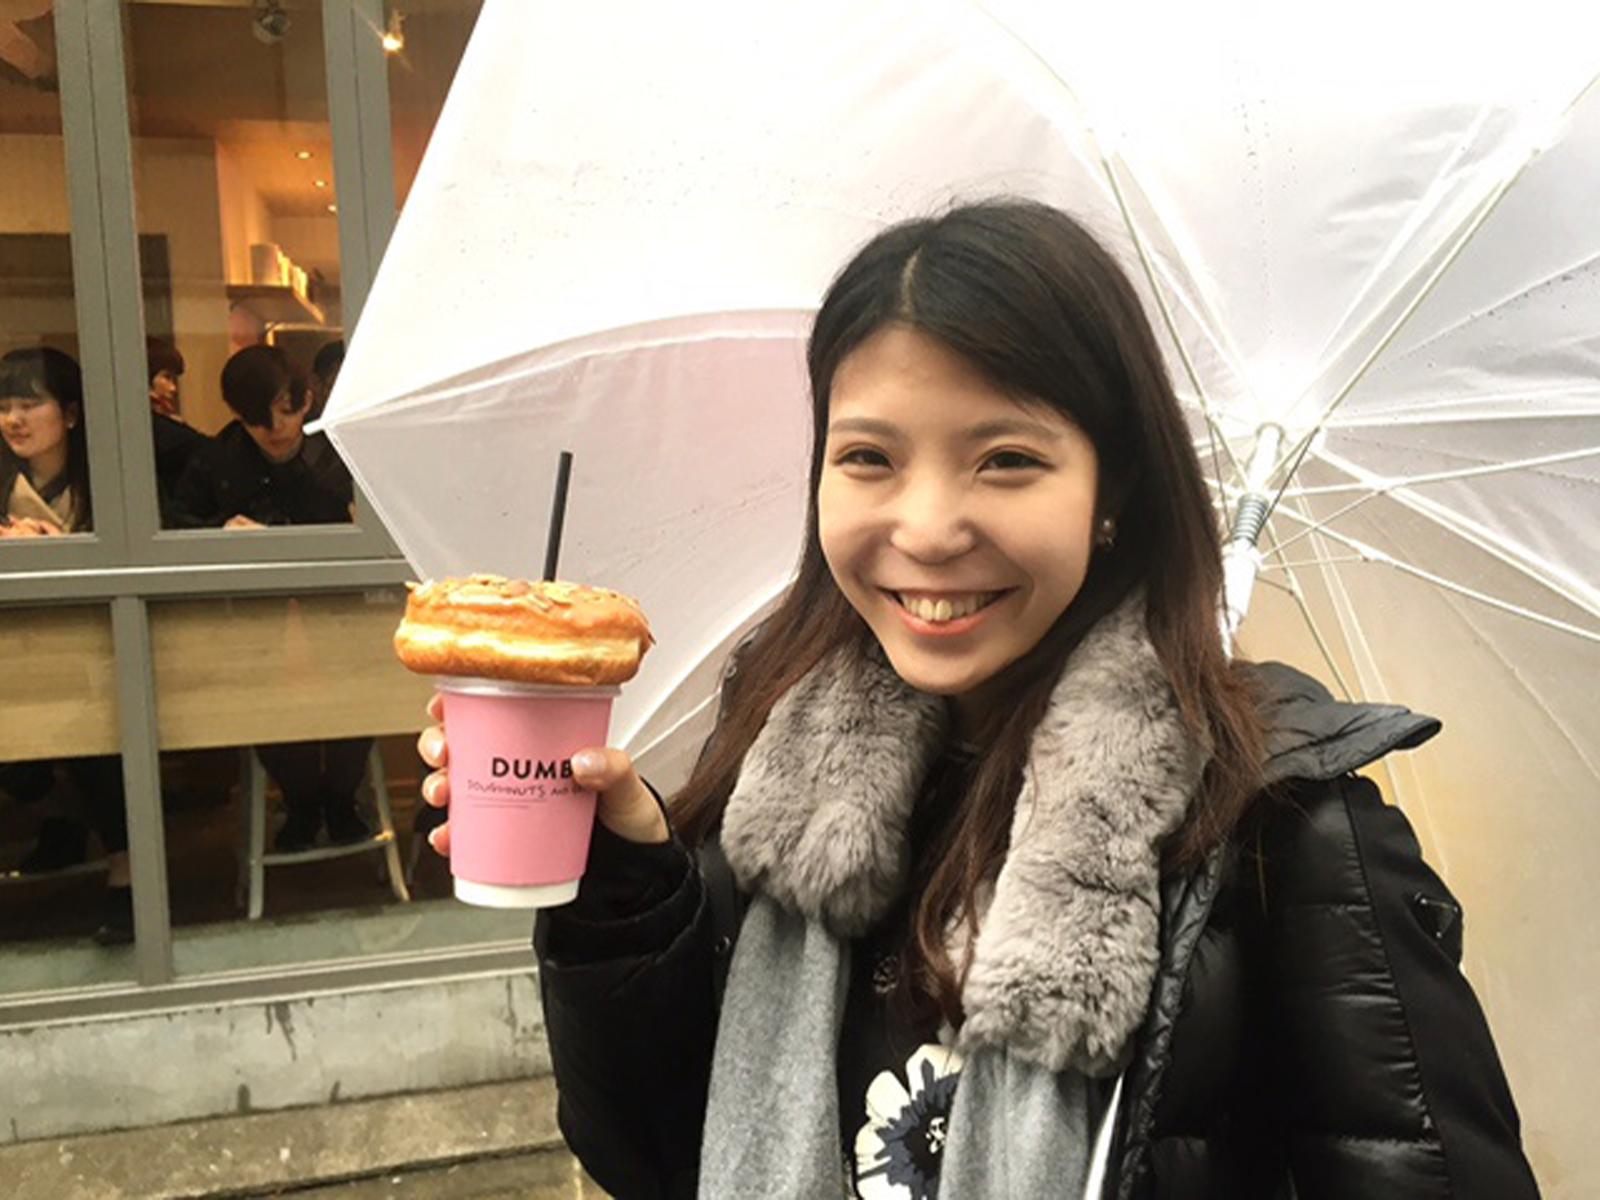 先日、DUMBO Doughnutsand Coffeeに行った日は、生憎(あいにく)の雨。でも、ドーナツonコーヒーなら、傘を差しながらでもフォトジェニック!